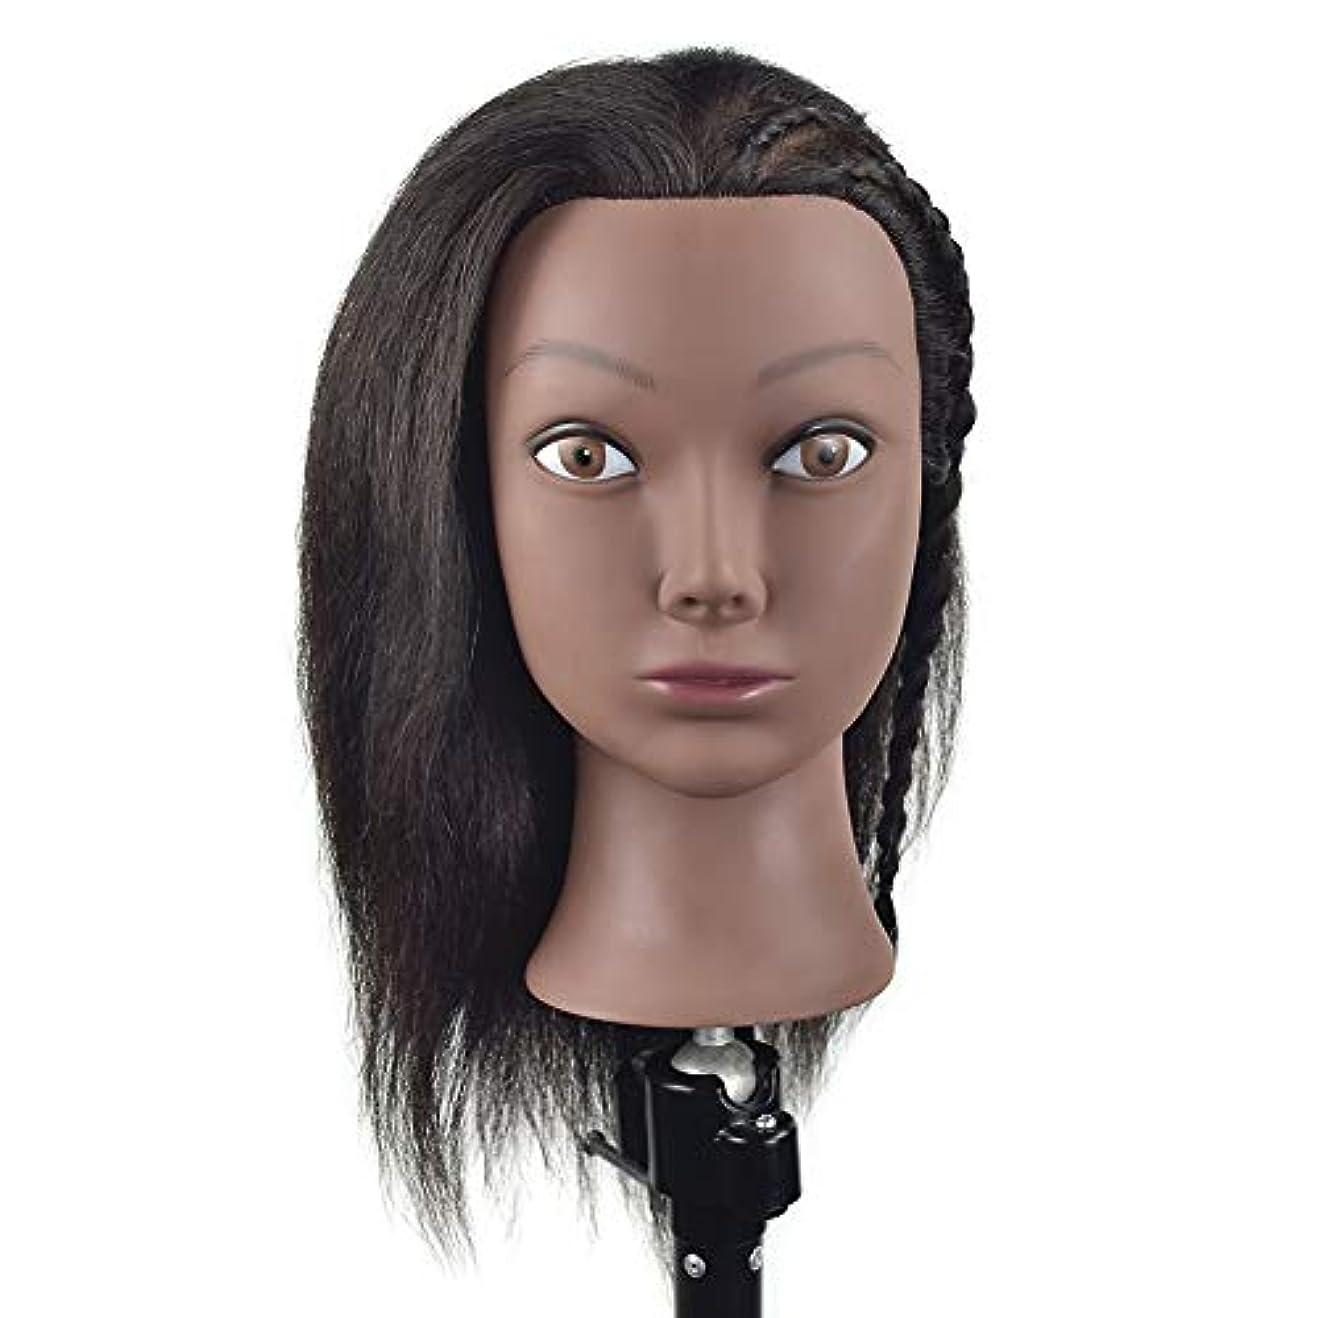 調停する対人モッキンバードトレーニングヘッドかつらヘッドの型のヘアカットの編みのスタイリングマネキンヘッド理髪店練習指導ダミーヘッド